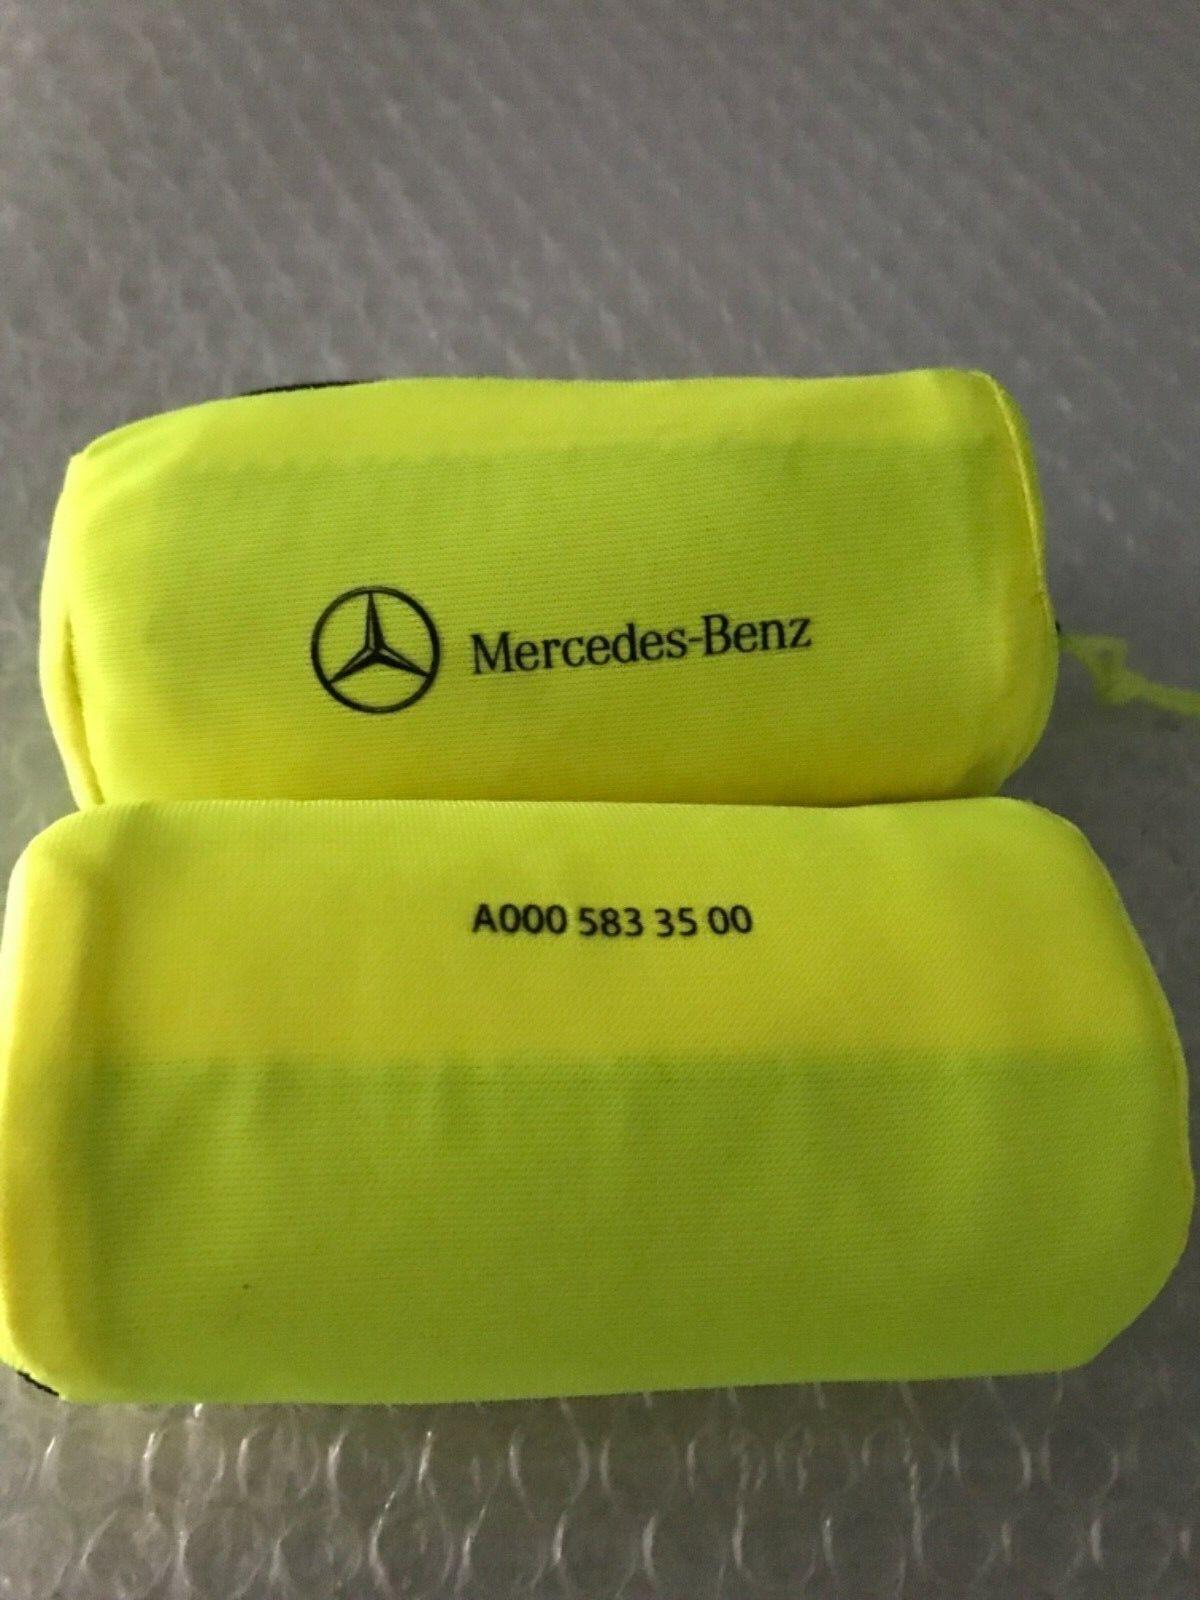 2 Originale Mercedes Benz Warnwesten A0005833500